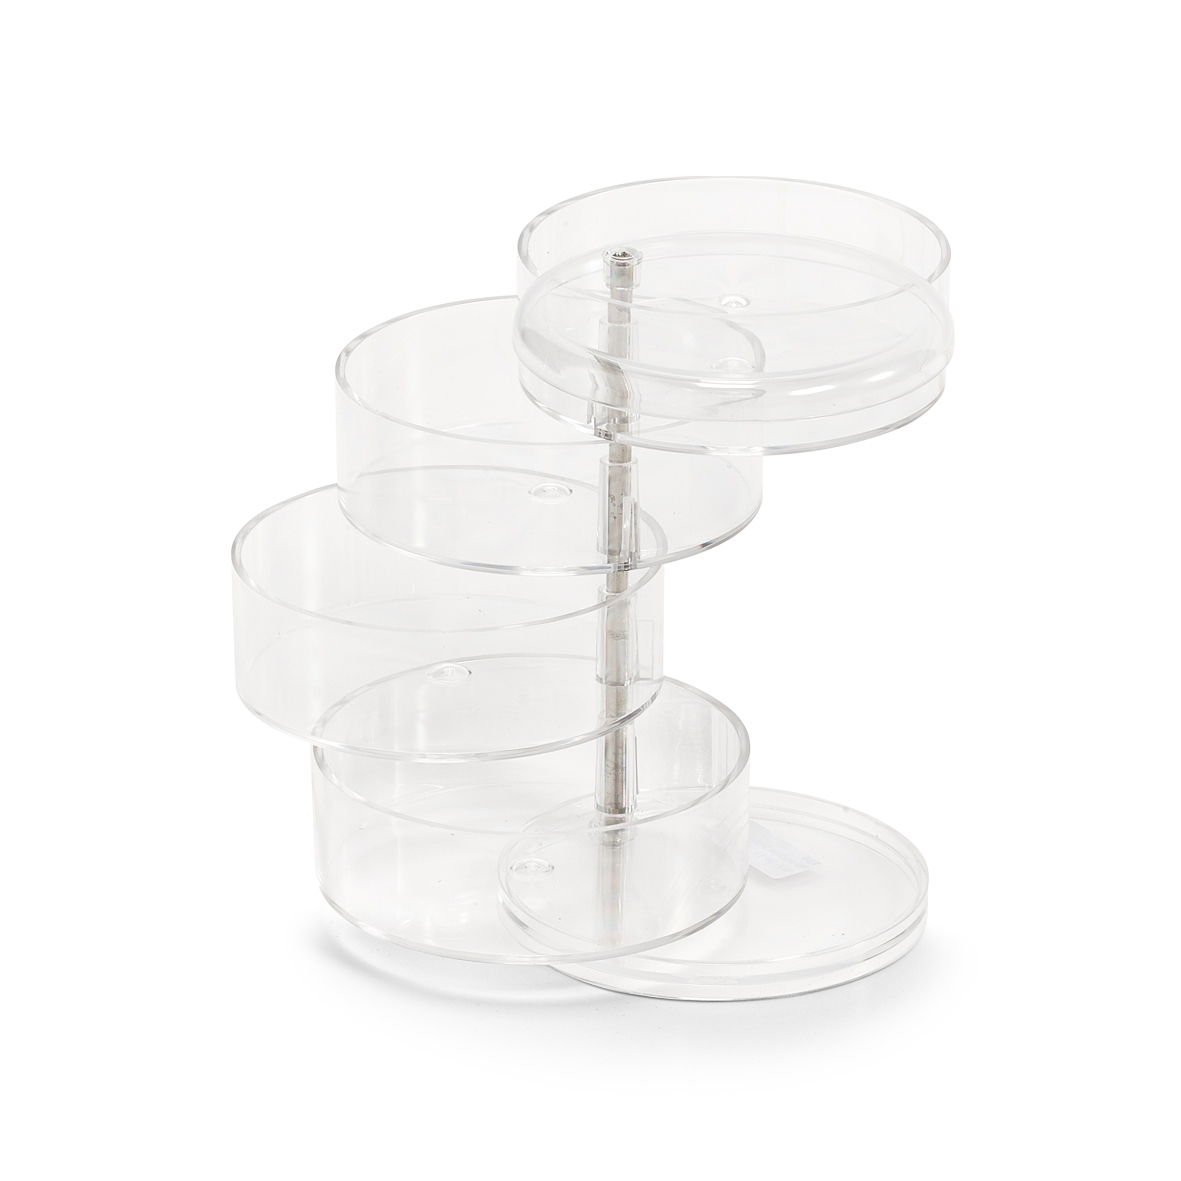 Organizator pentru bijuterii din plastic, Transparent, 4 compartimente, Ø 11,5xH17,6 cm imagine